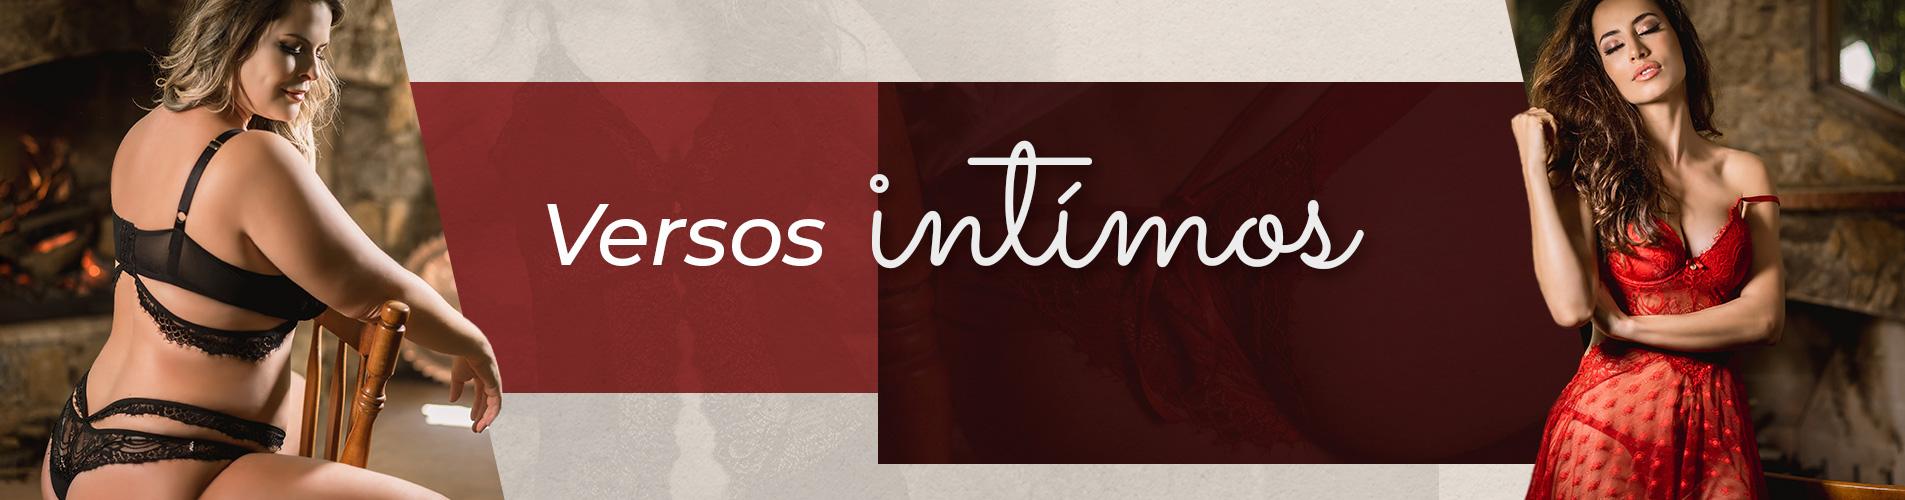 Coleção Secretum - Versos Íntimos